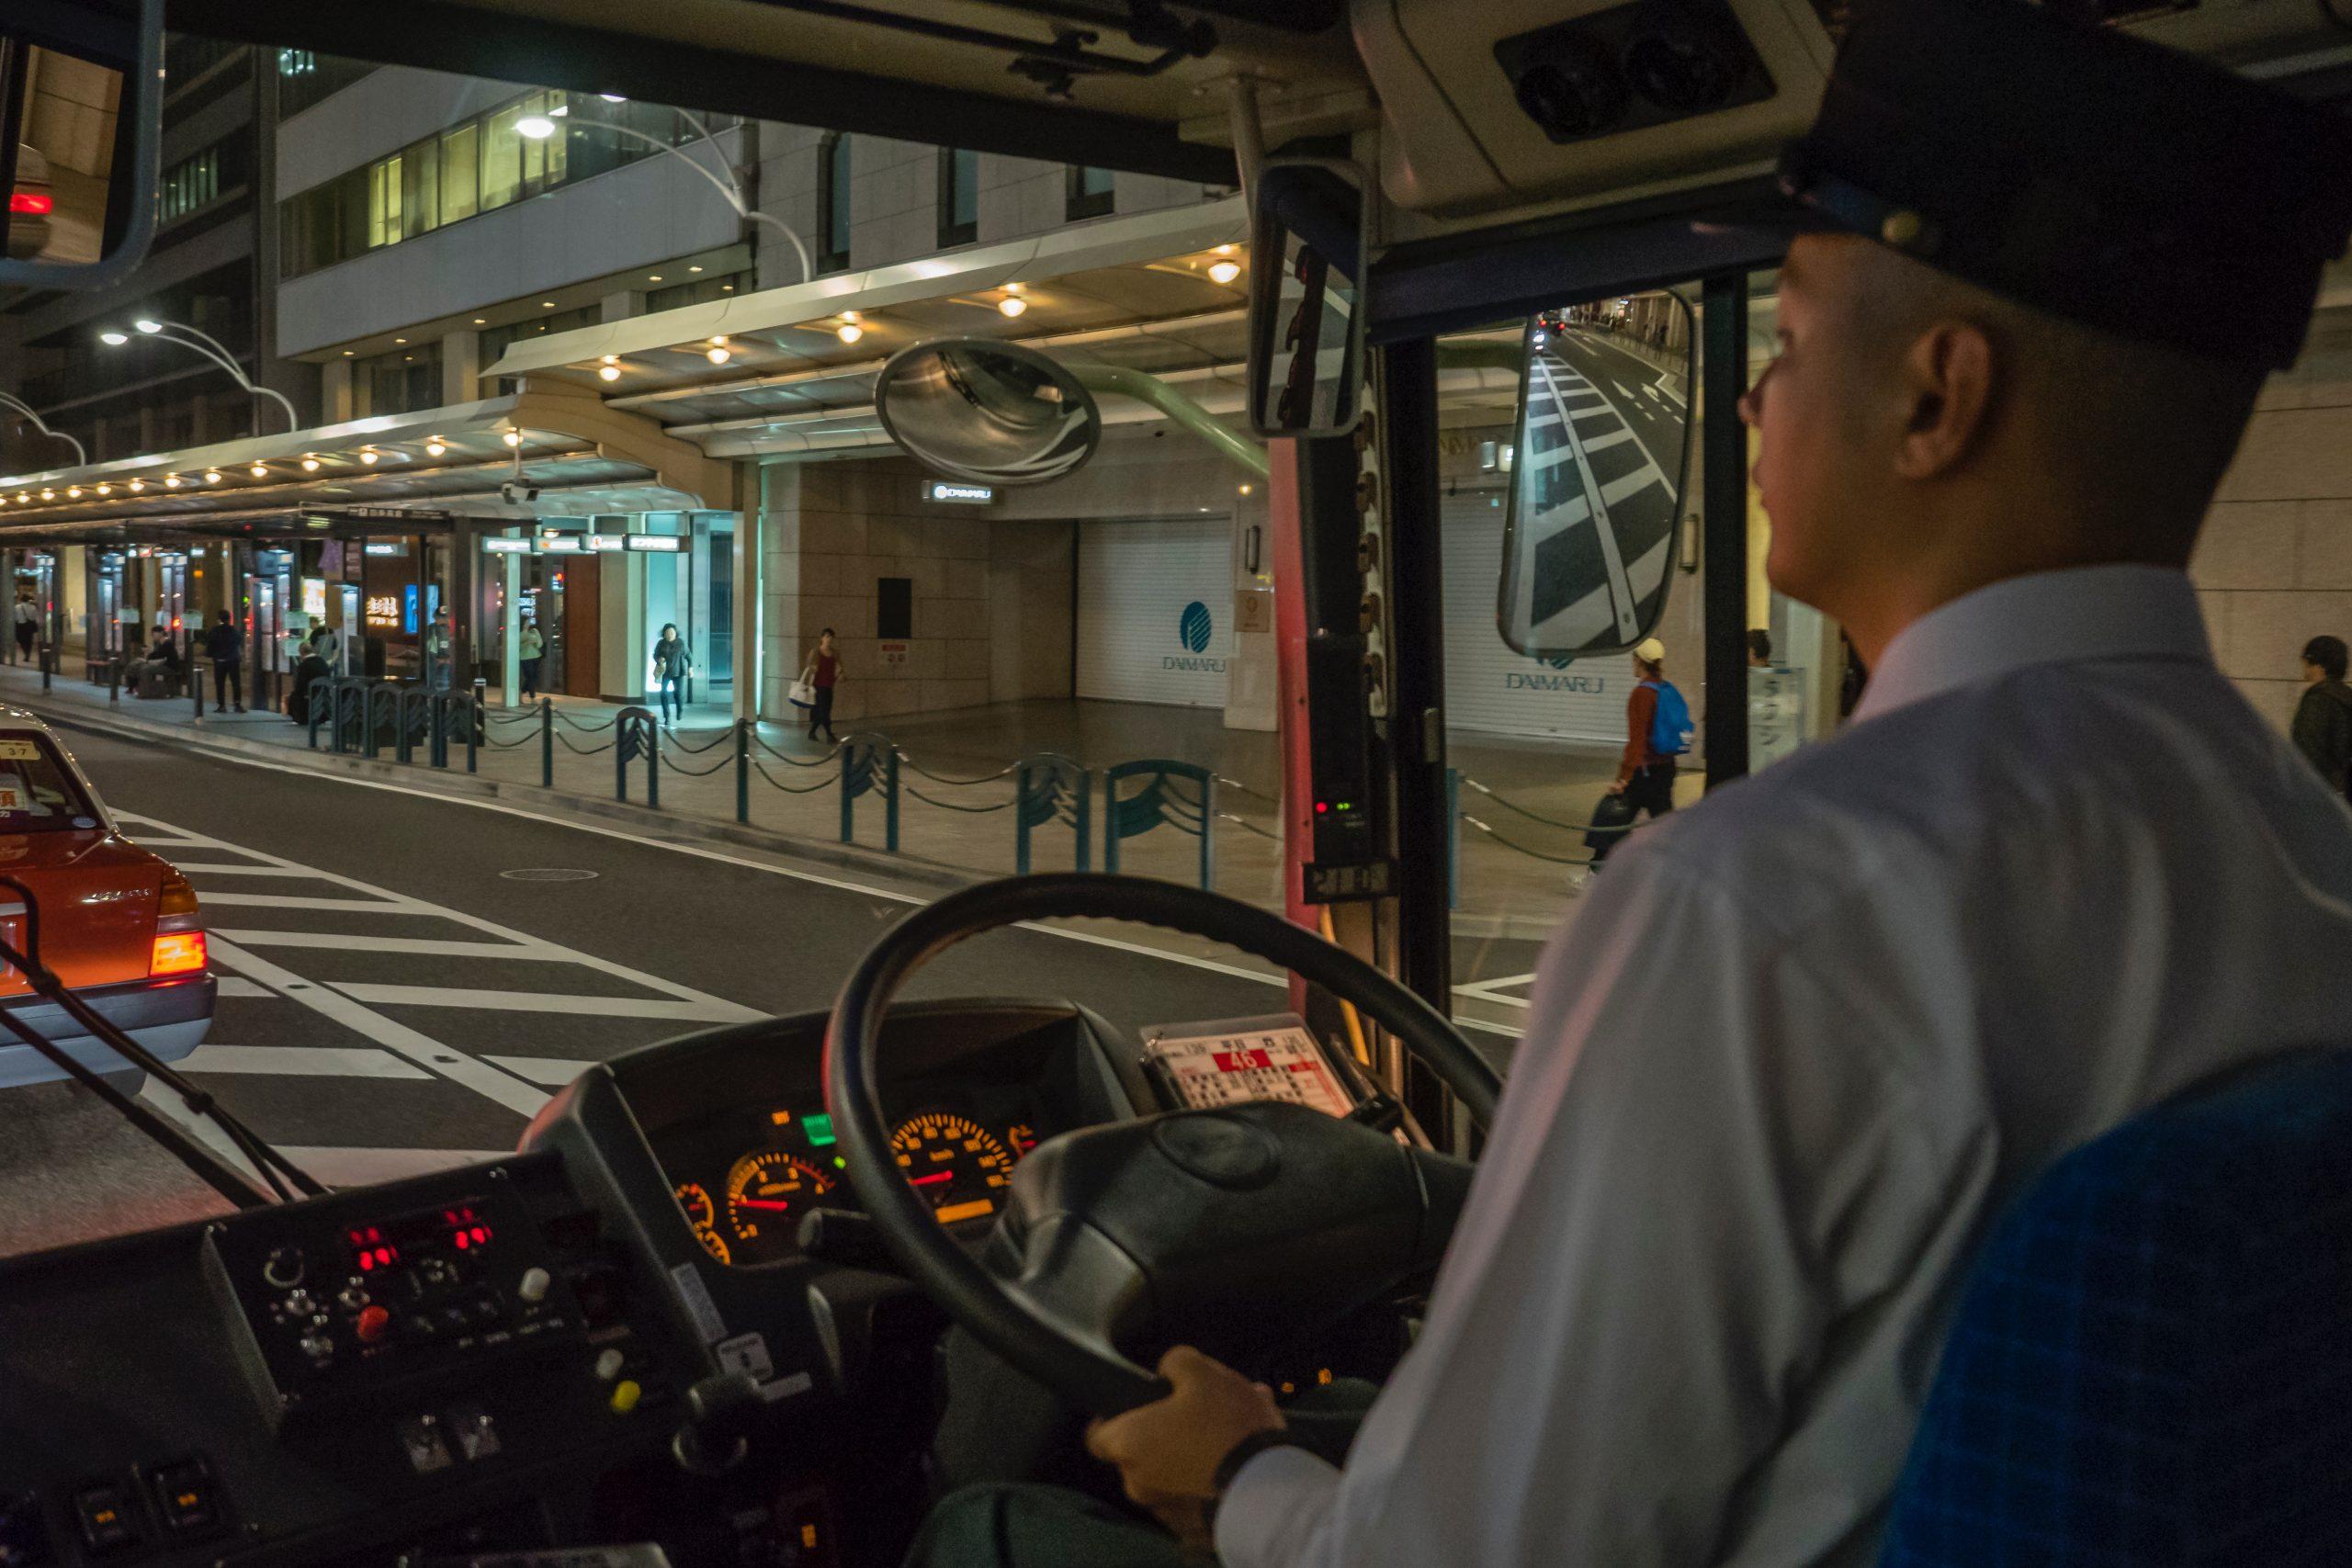 Bus ride in public bus in Kyoto